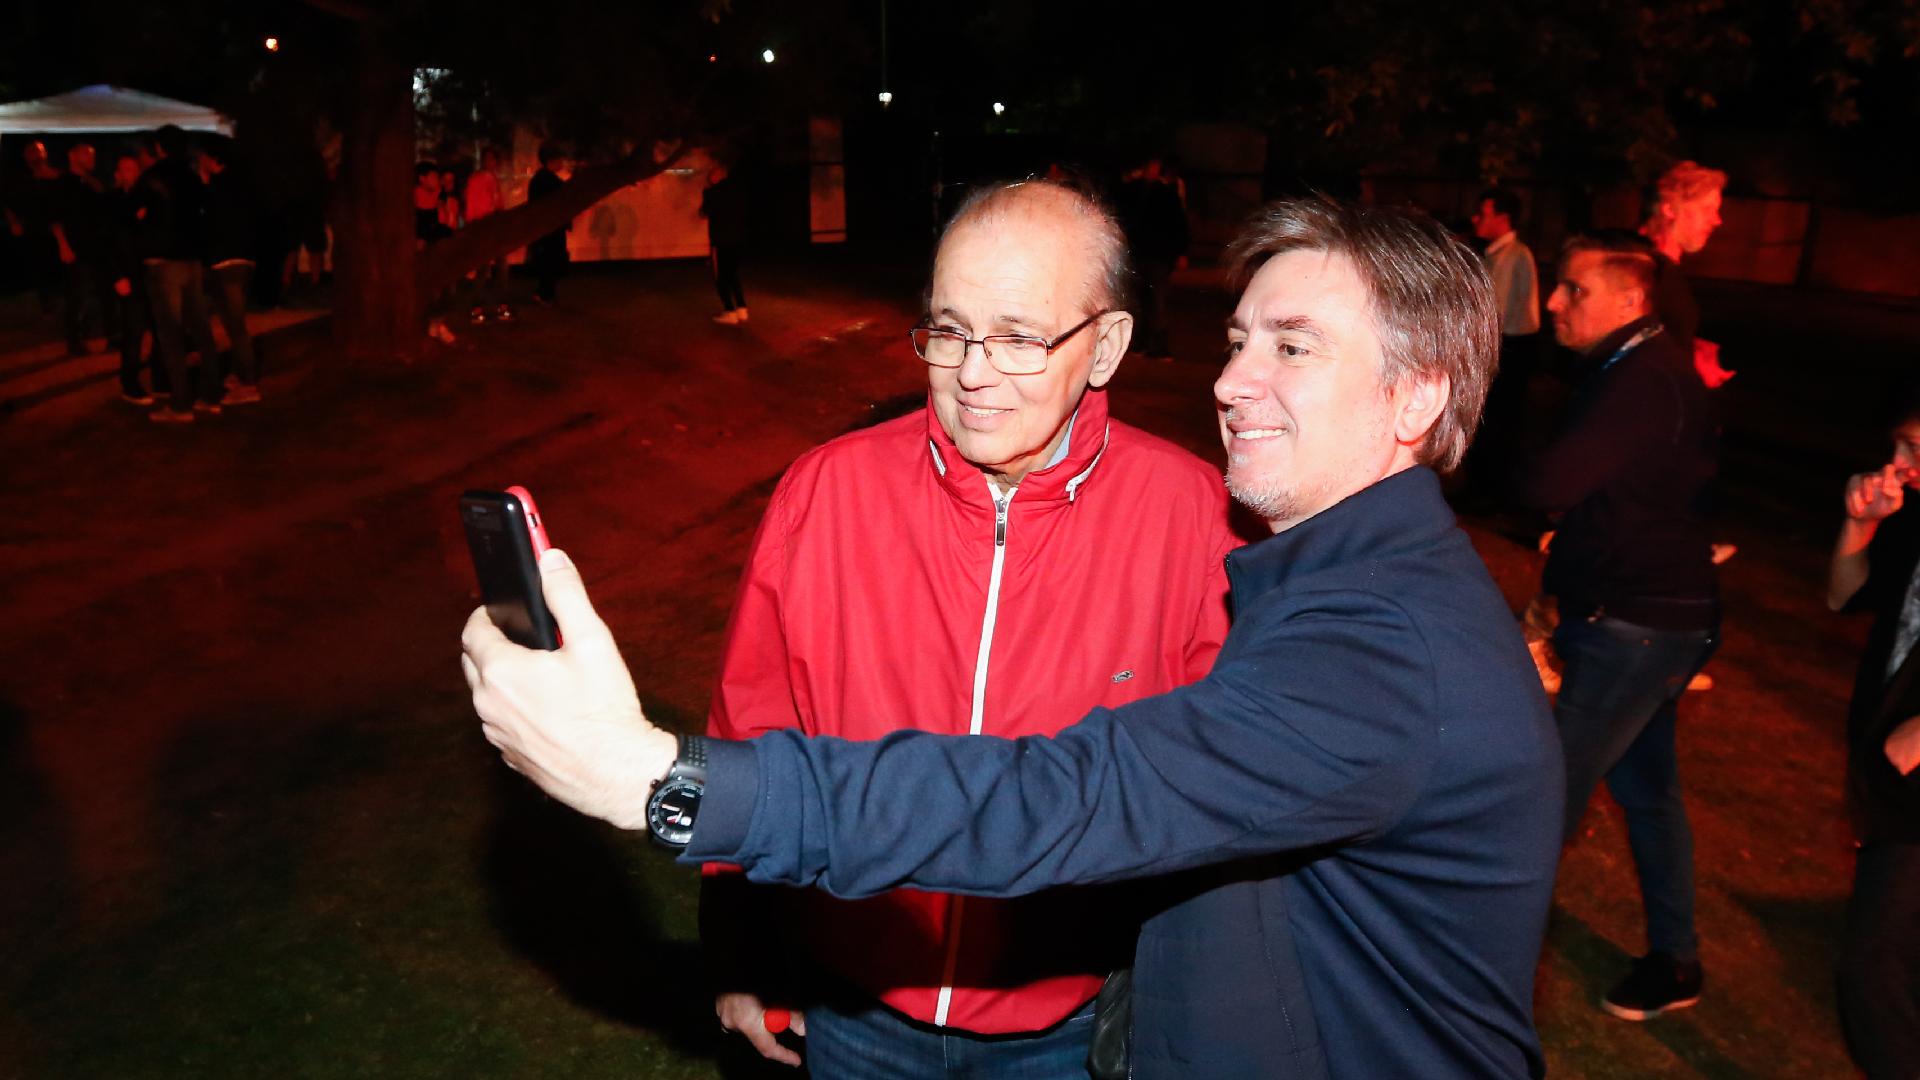 Un fanático le pidió una selfie a Alejandro Sabella, histórico jugador y el entrenador que conquistó la última Copa Libertadores para el club en 2009 (Nicolás Aboaf)